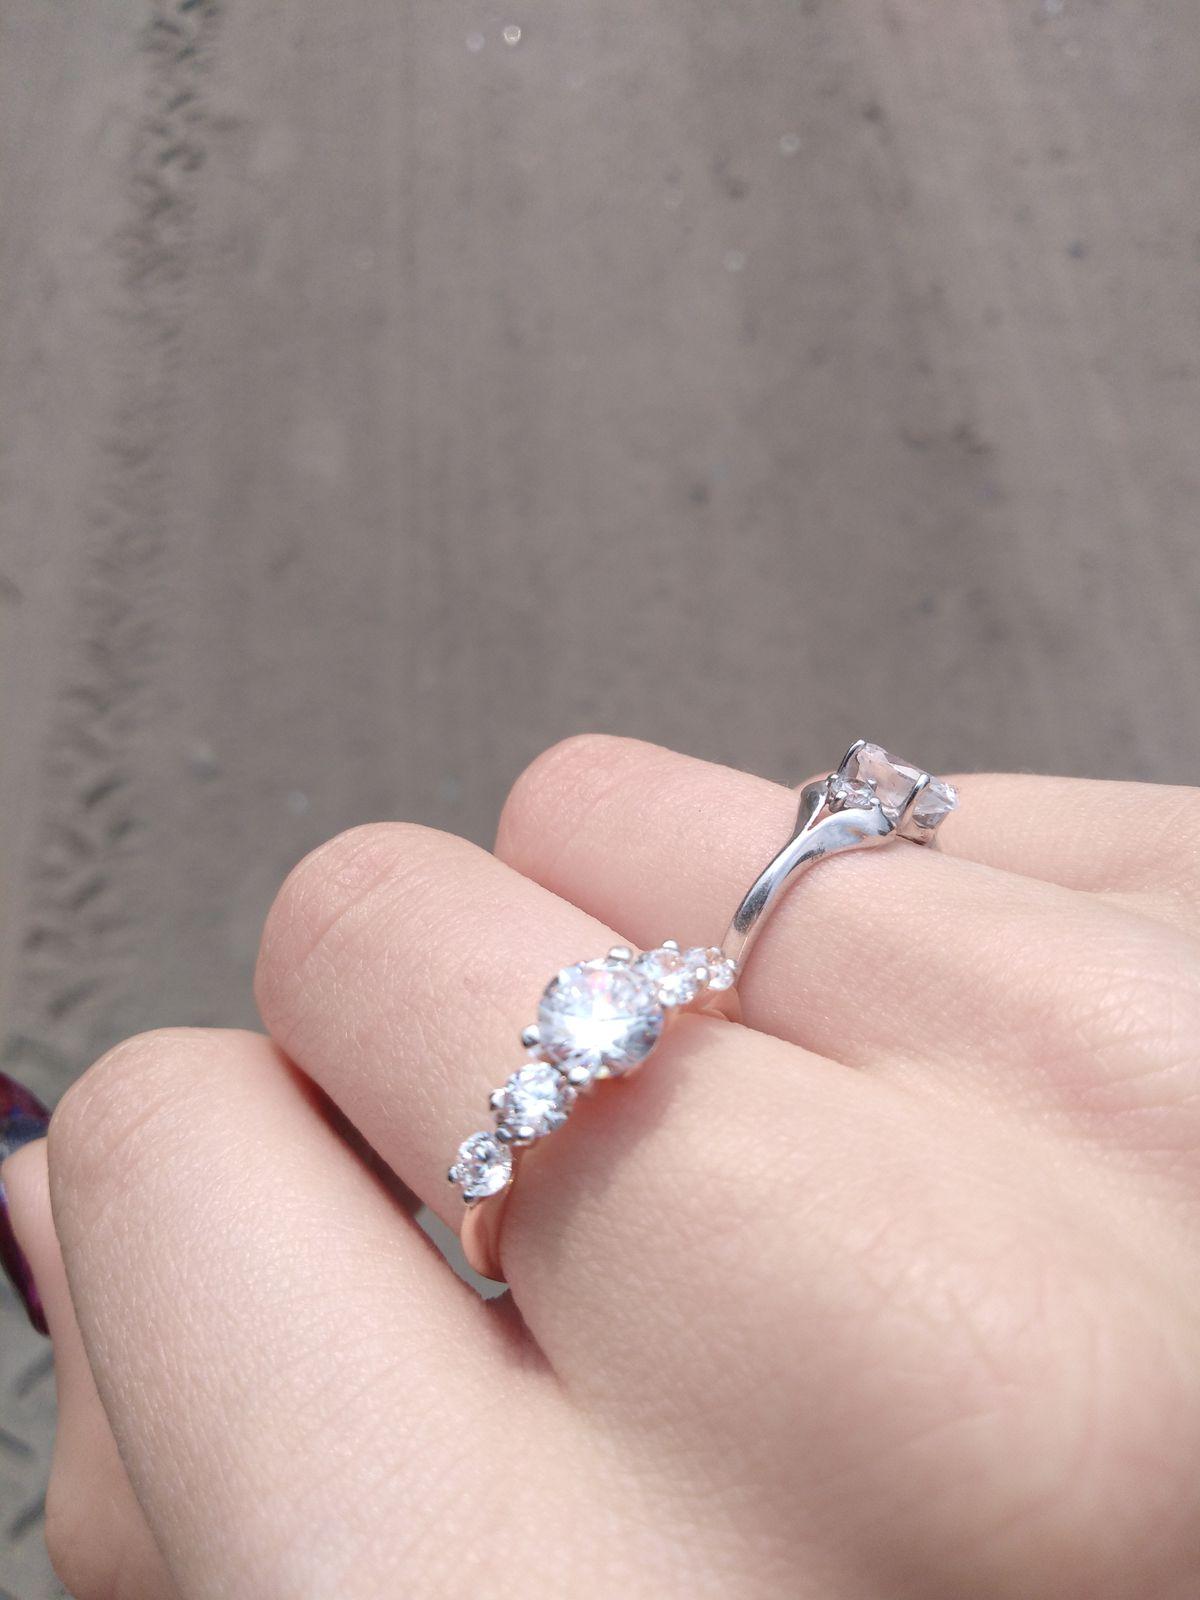 Кольцо, с фианитами, девятьсот двадцать пятой пробы, серебро